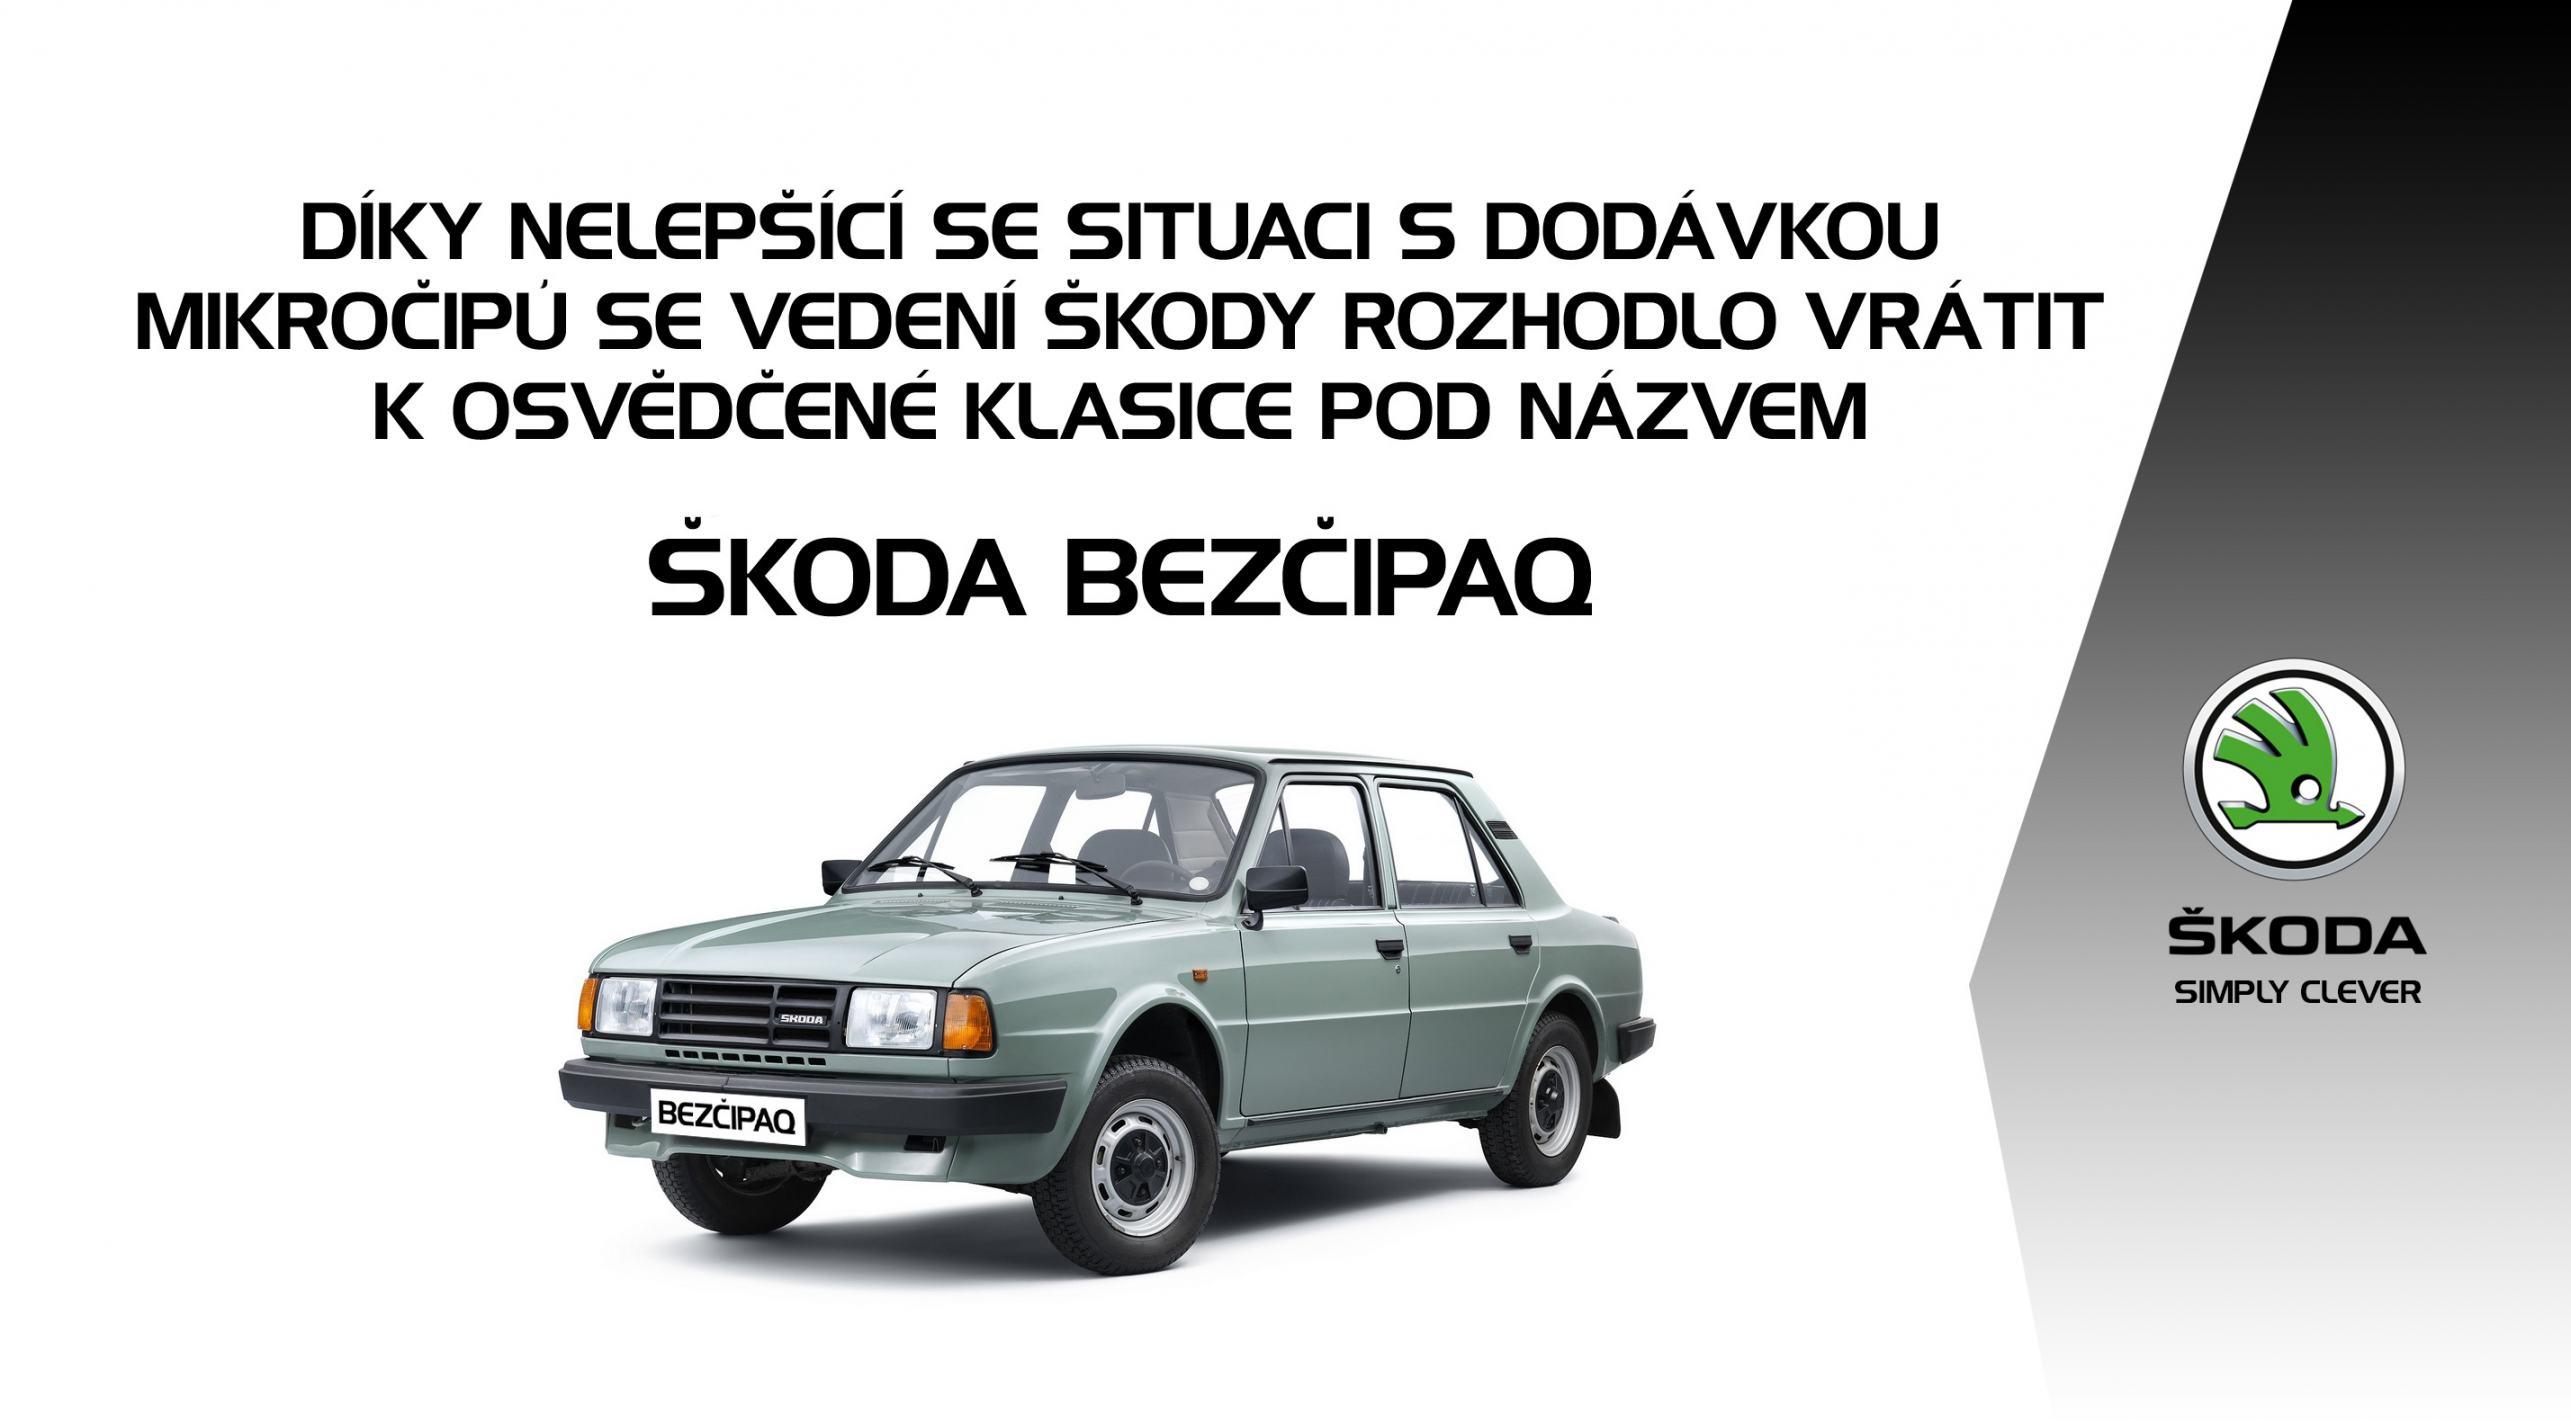 Obrázek SkodaBezcipaq2021